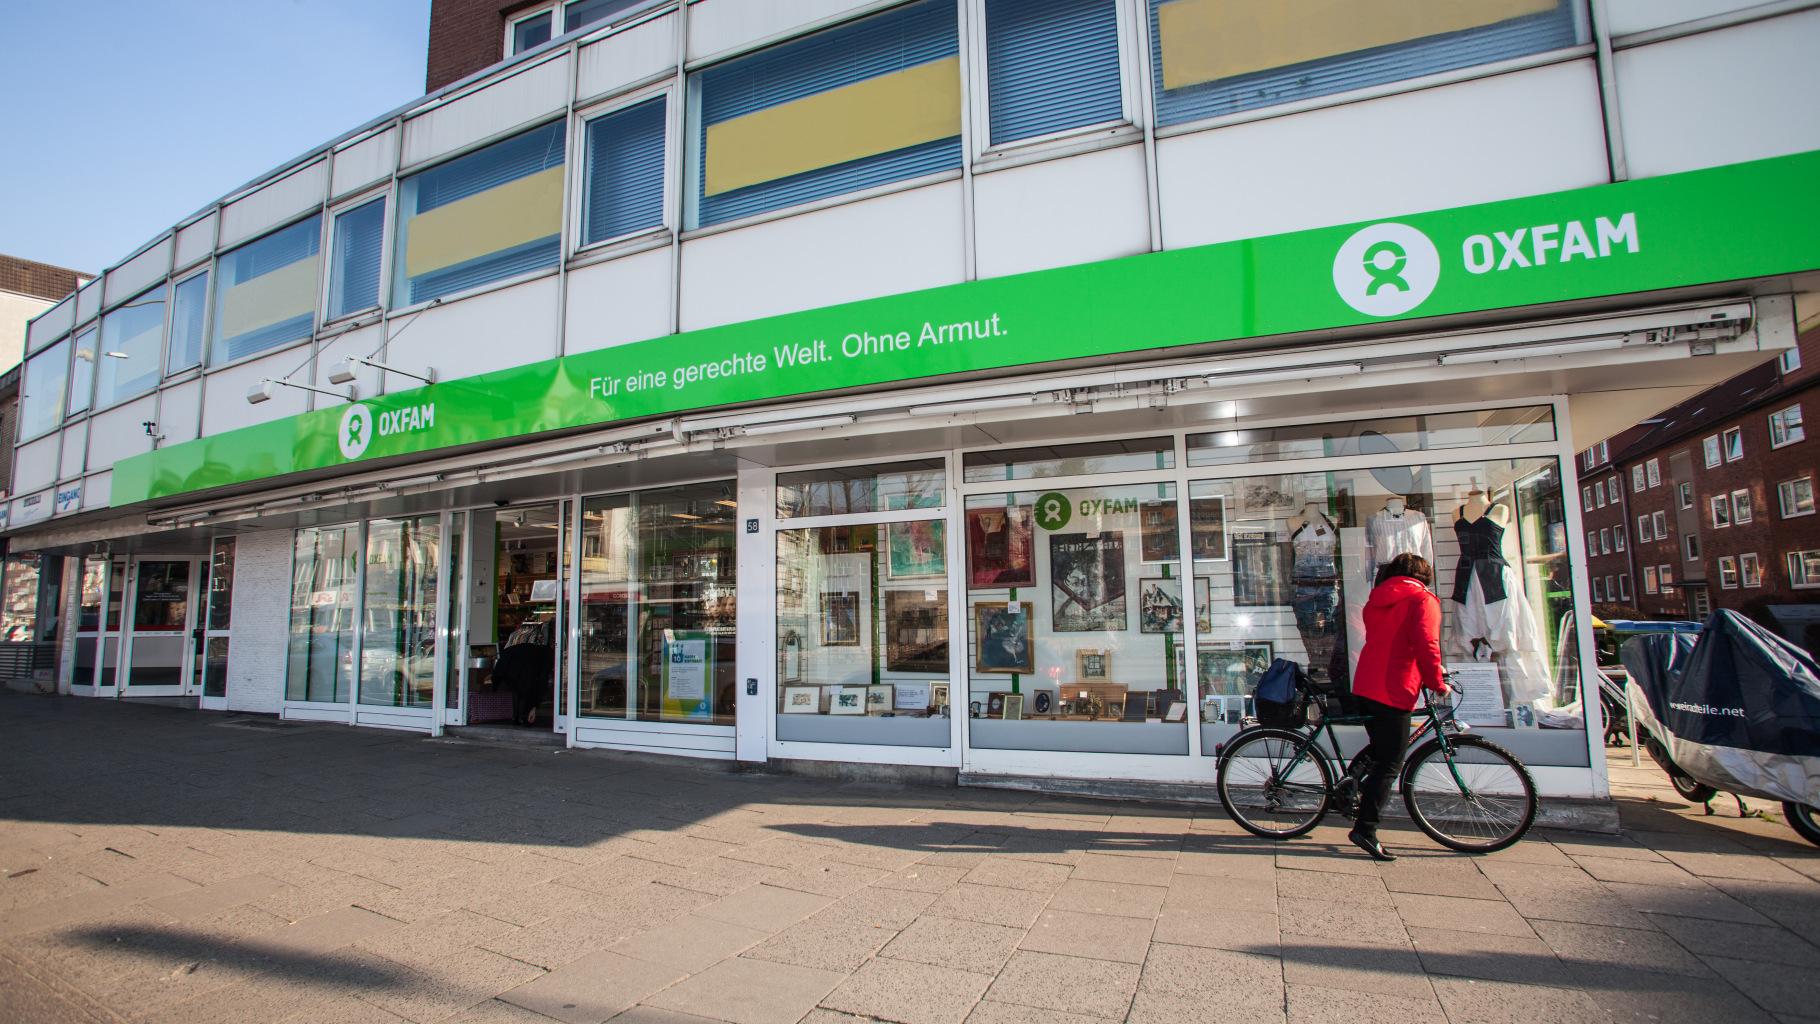 Oxfam Shop Hamburg-Hoheluft - Außenansicht